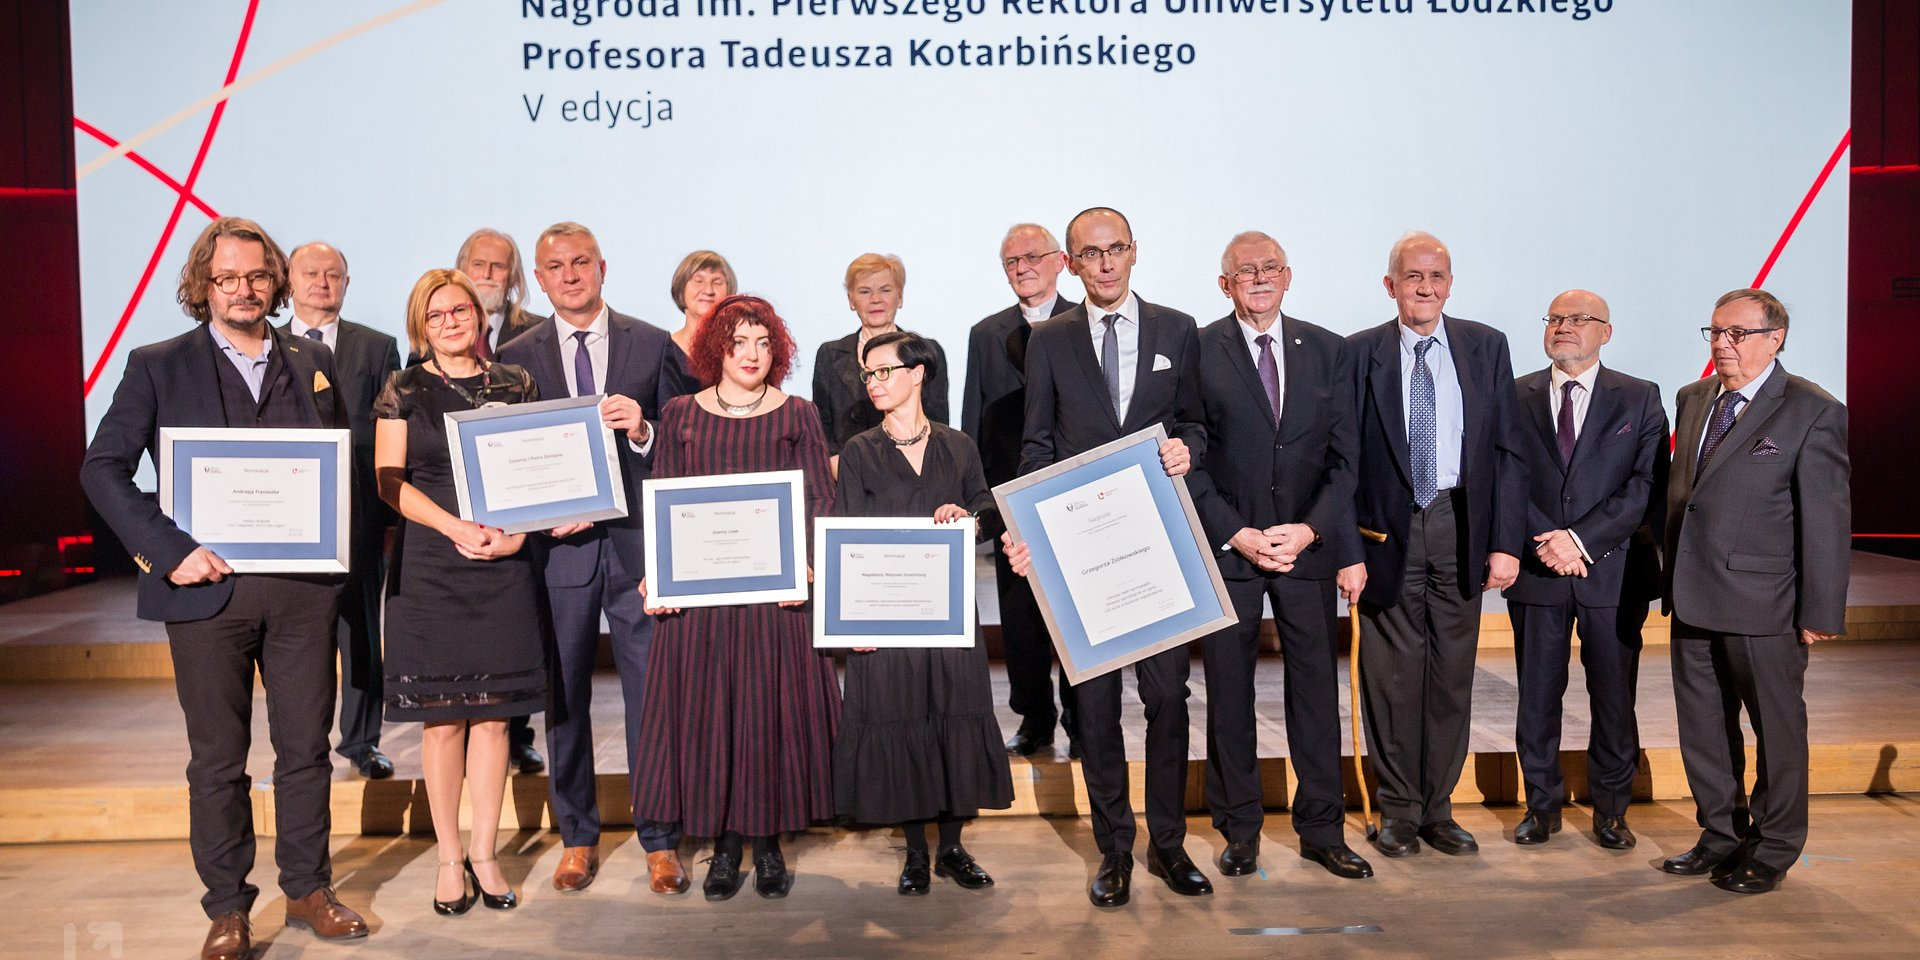 Nagroda im. Prof. T. Kotarbińskiego: pandemia nie zatrzymała humanistów